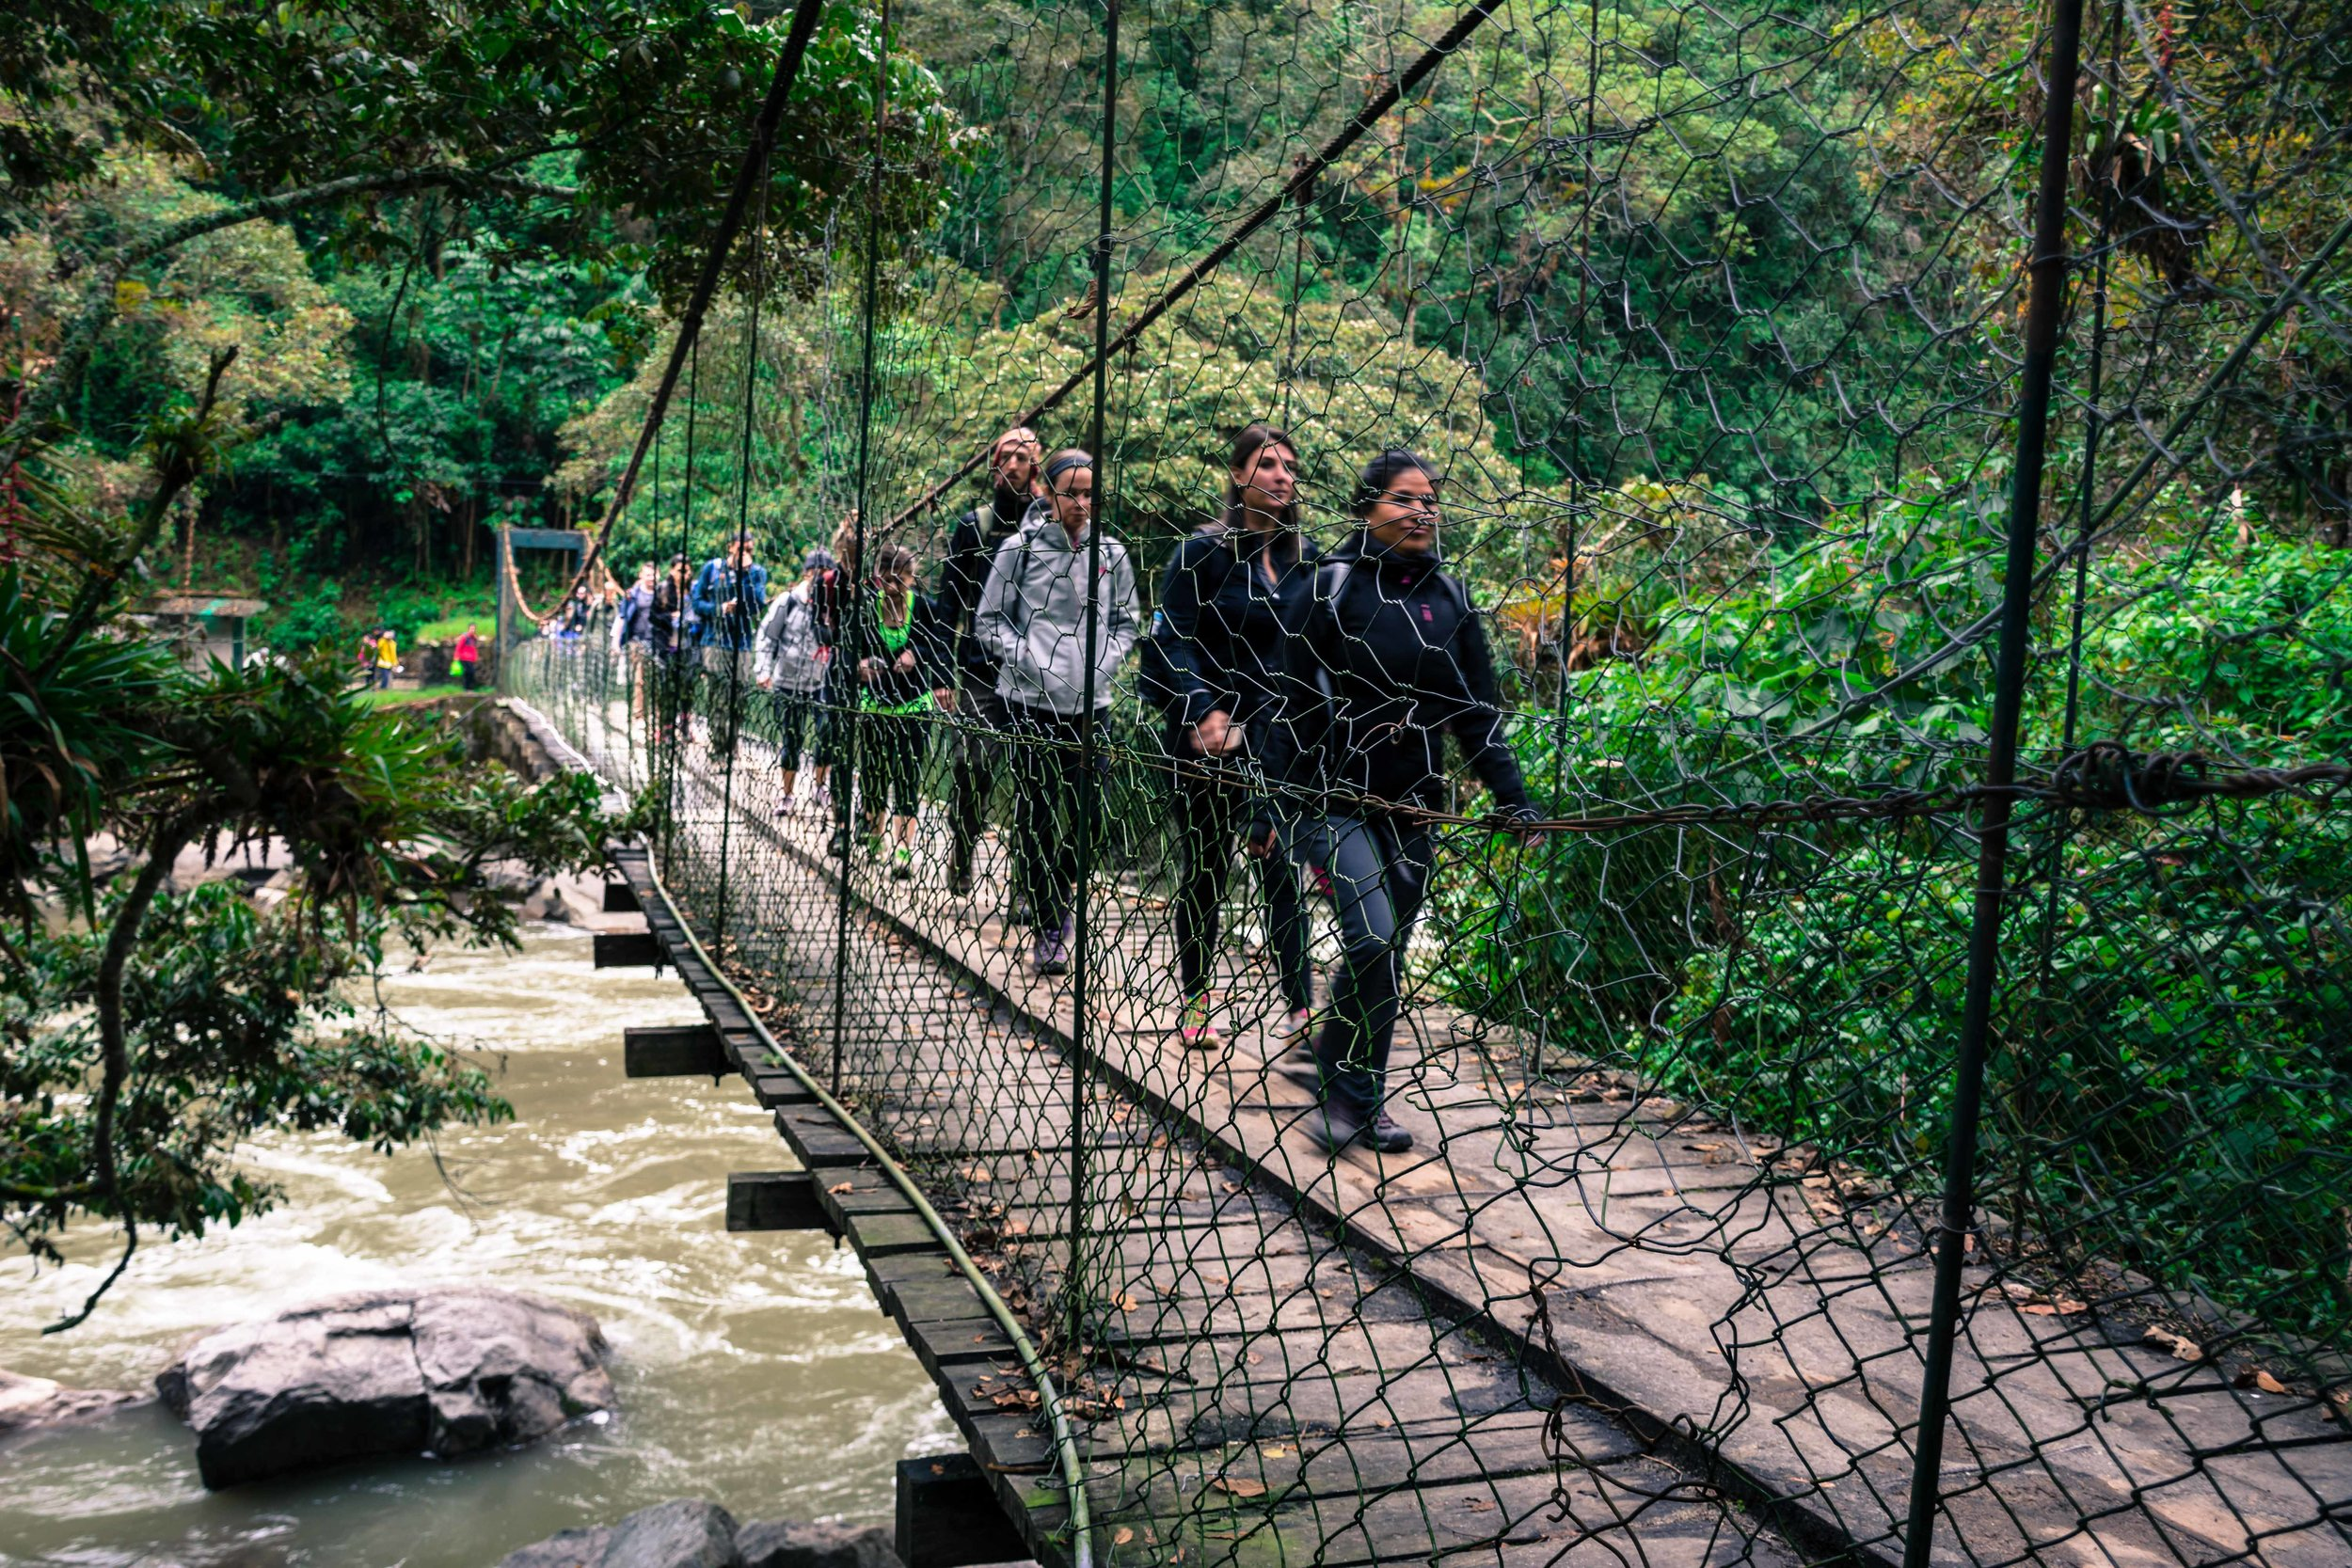 Hiking Peru   Hiking Km. 104 to Machu Picchu    Inquire